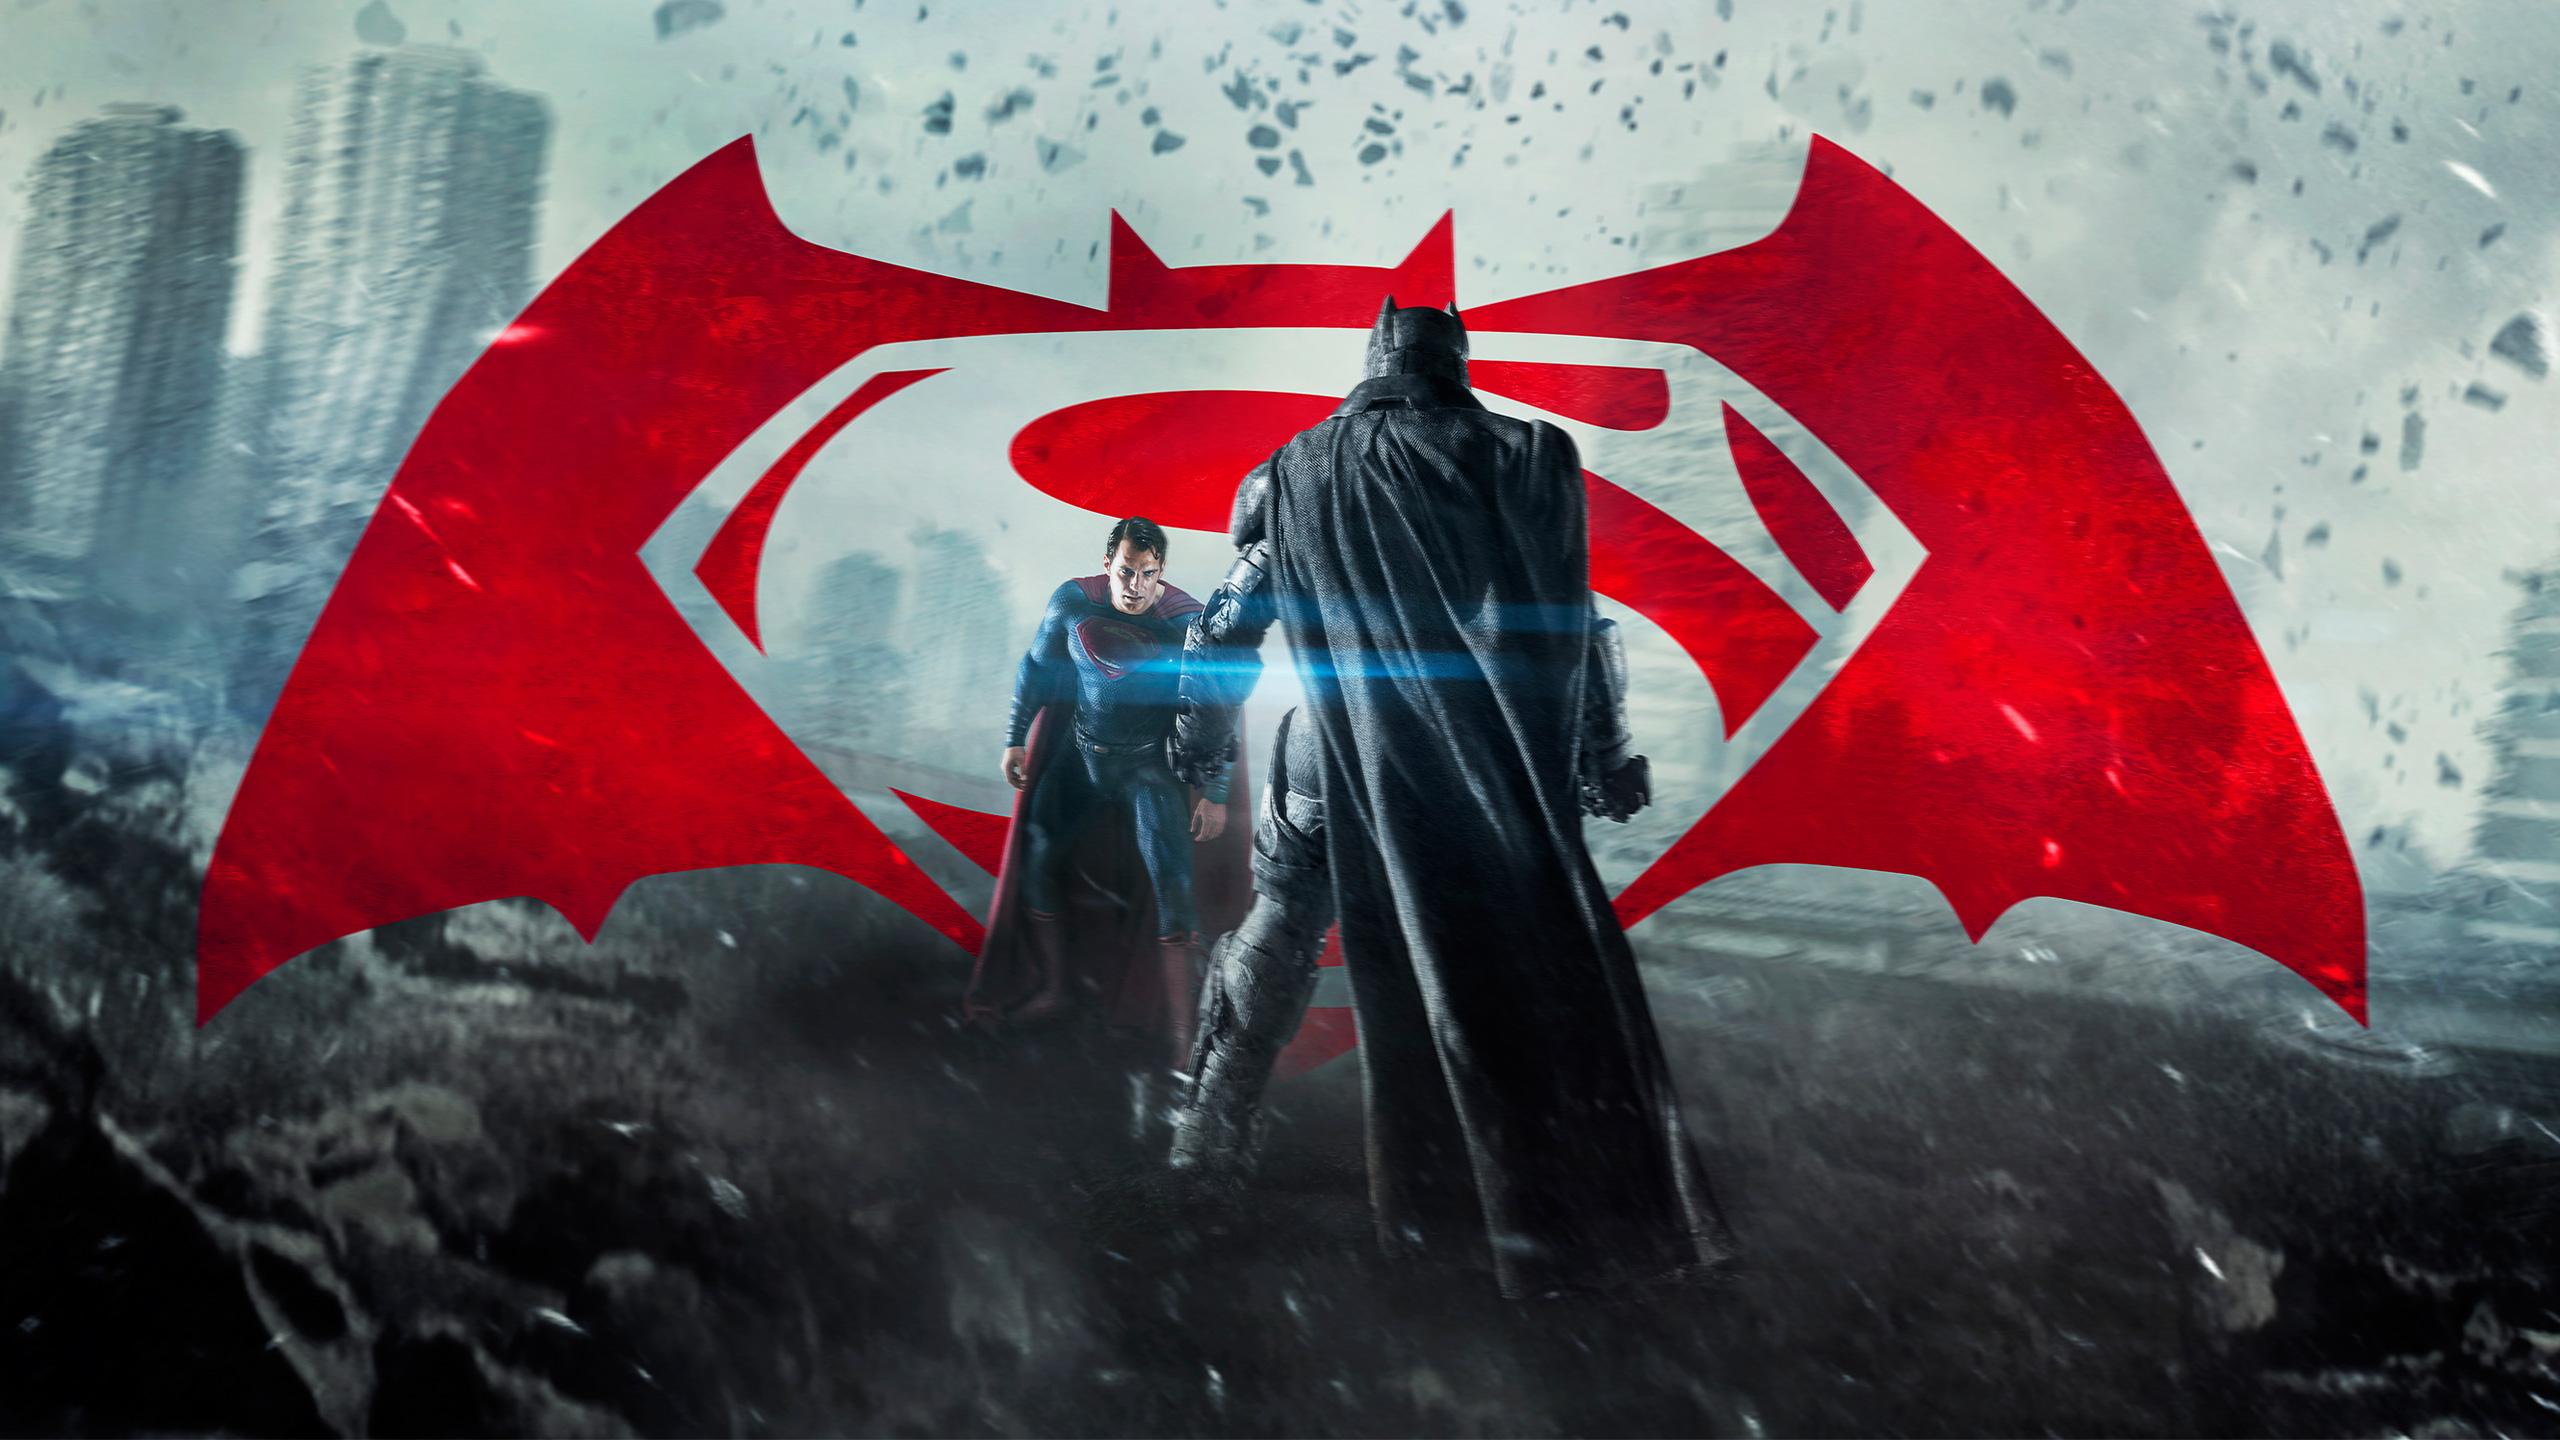 Batman V Superman Dawn Of Justice Hd Wallpapers Hd - Batman Vs Superman Logo 4k - HD Wallpaper